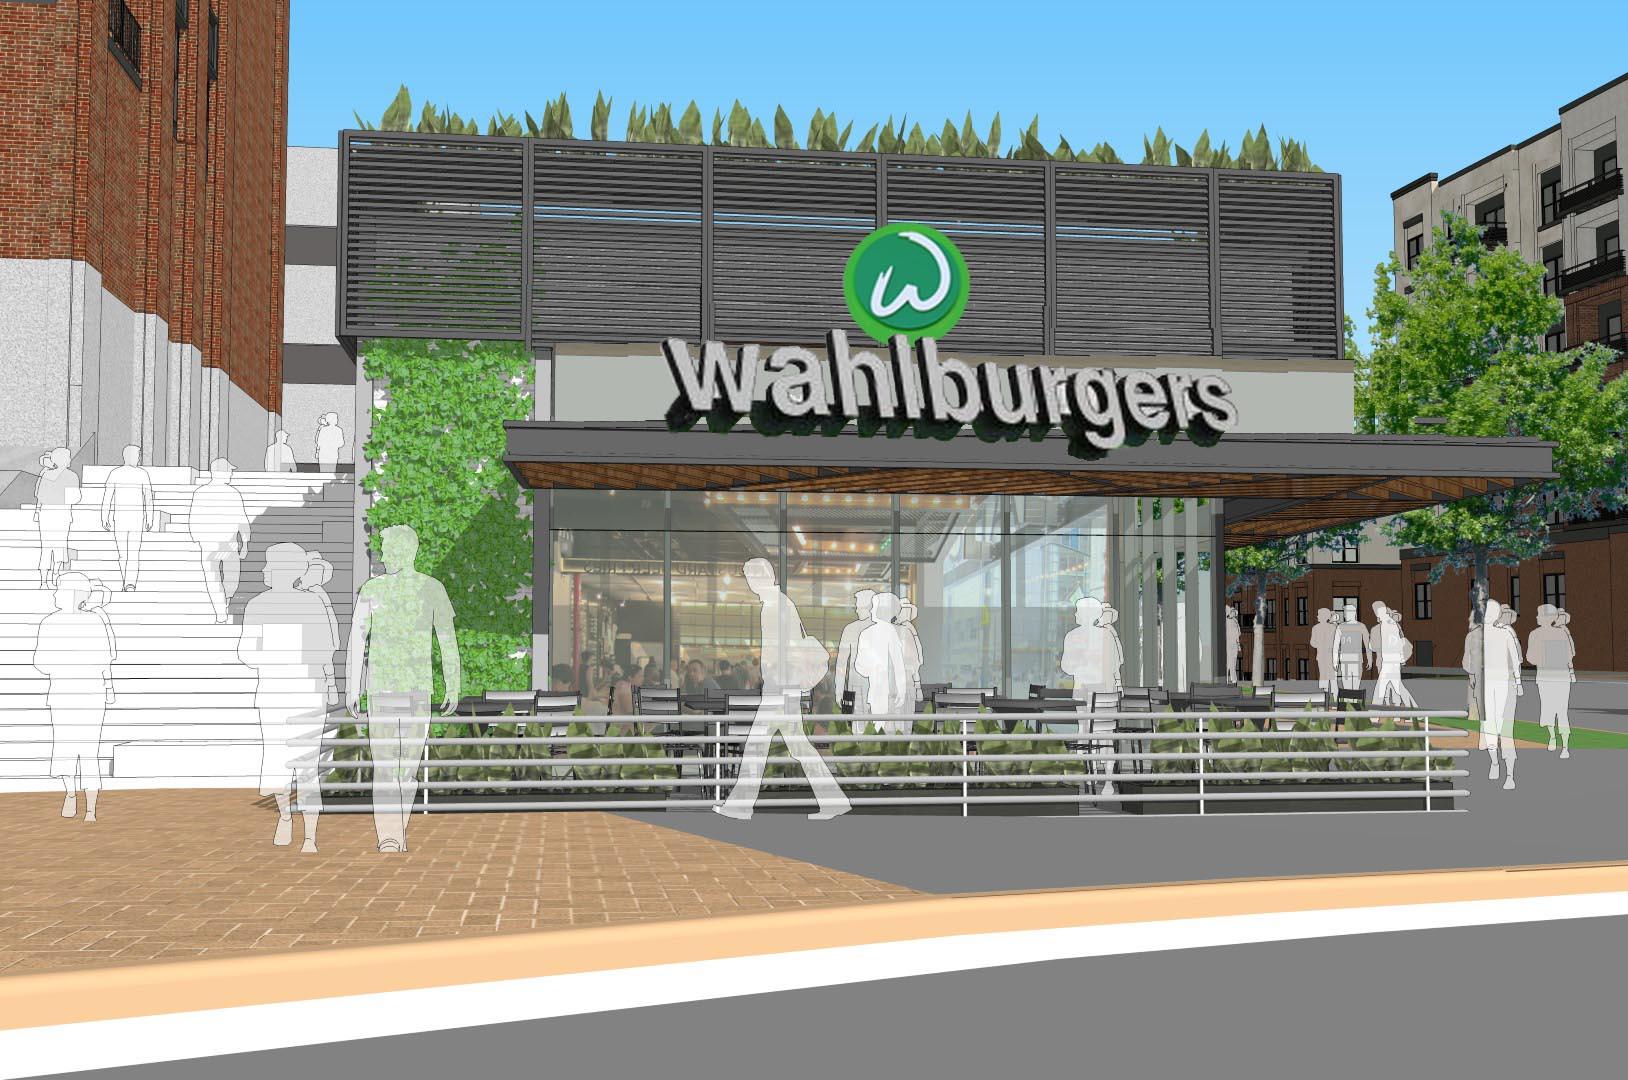 2016-05-18 Walburgers rendering low res